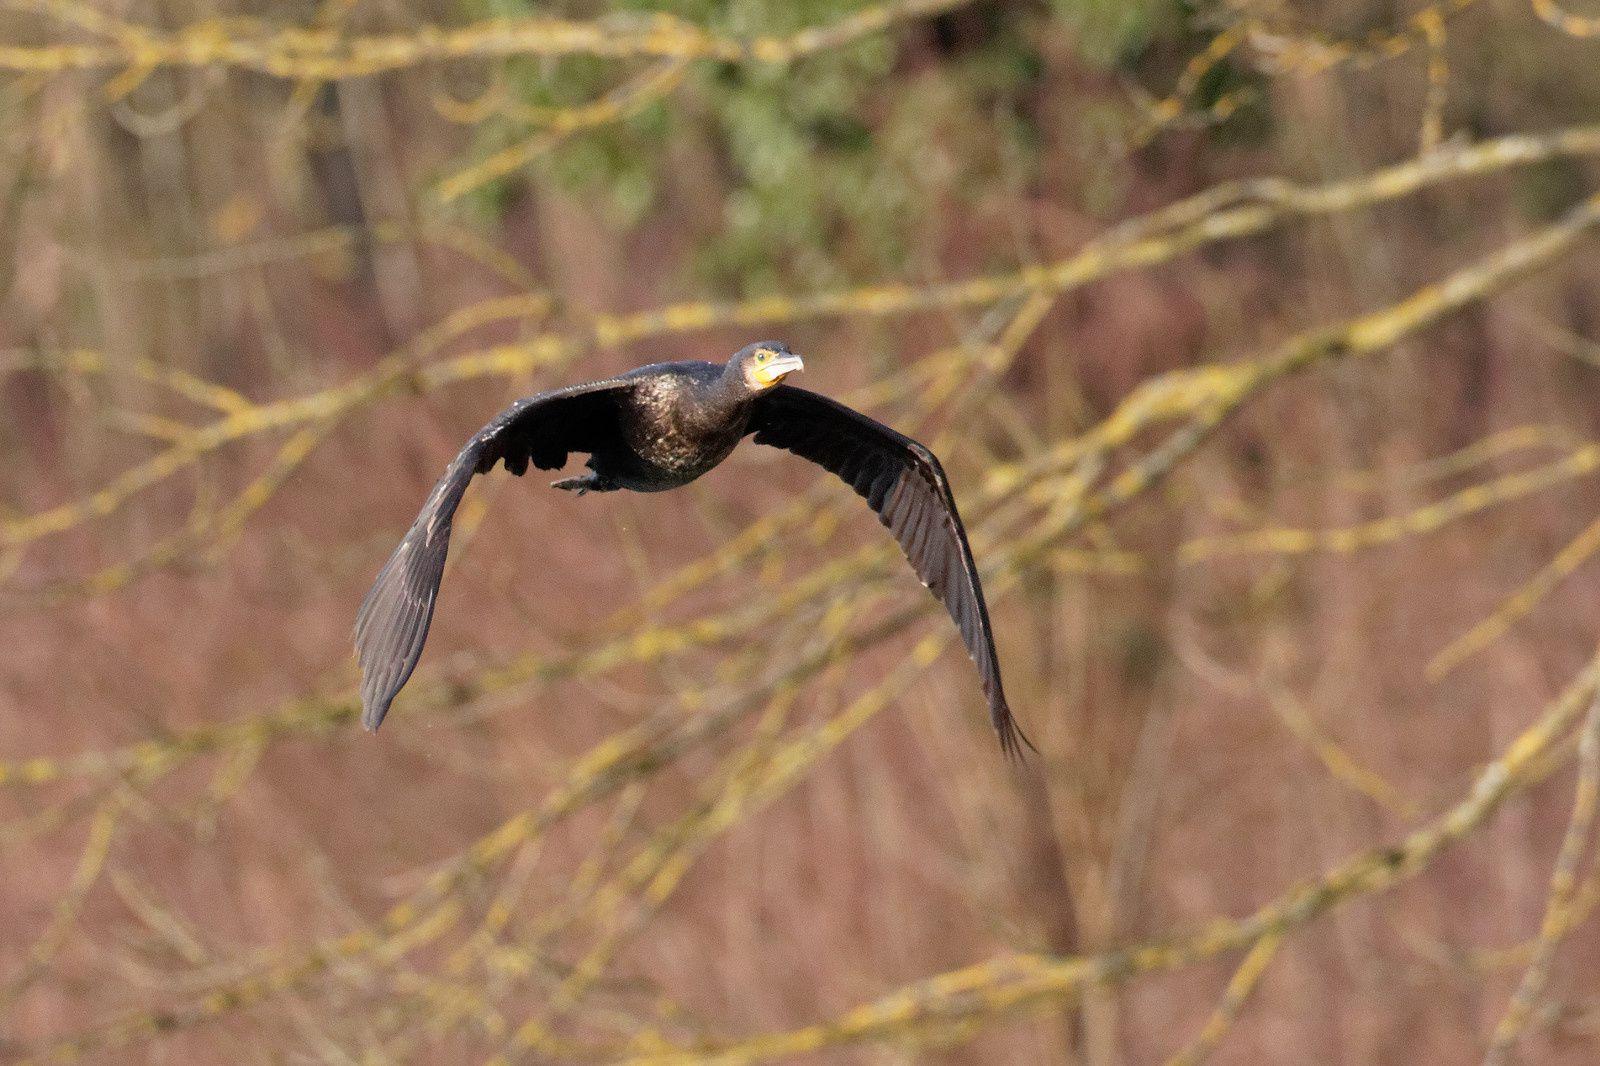 288 - Les premiers nids sont annoncés ! : 25/02/2017